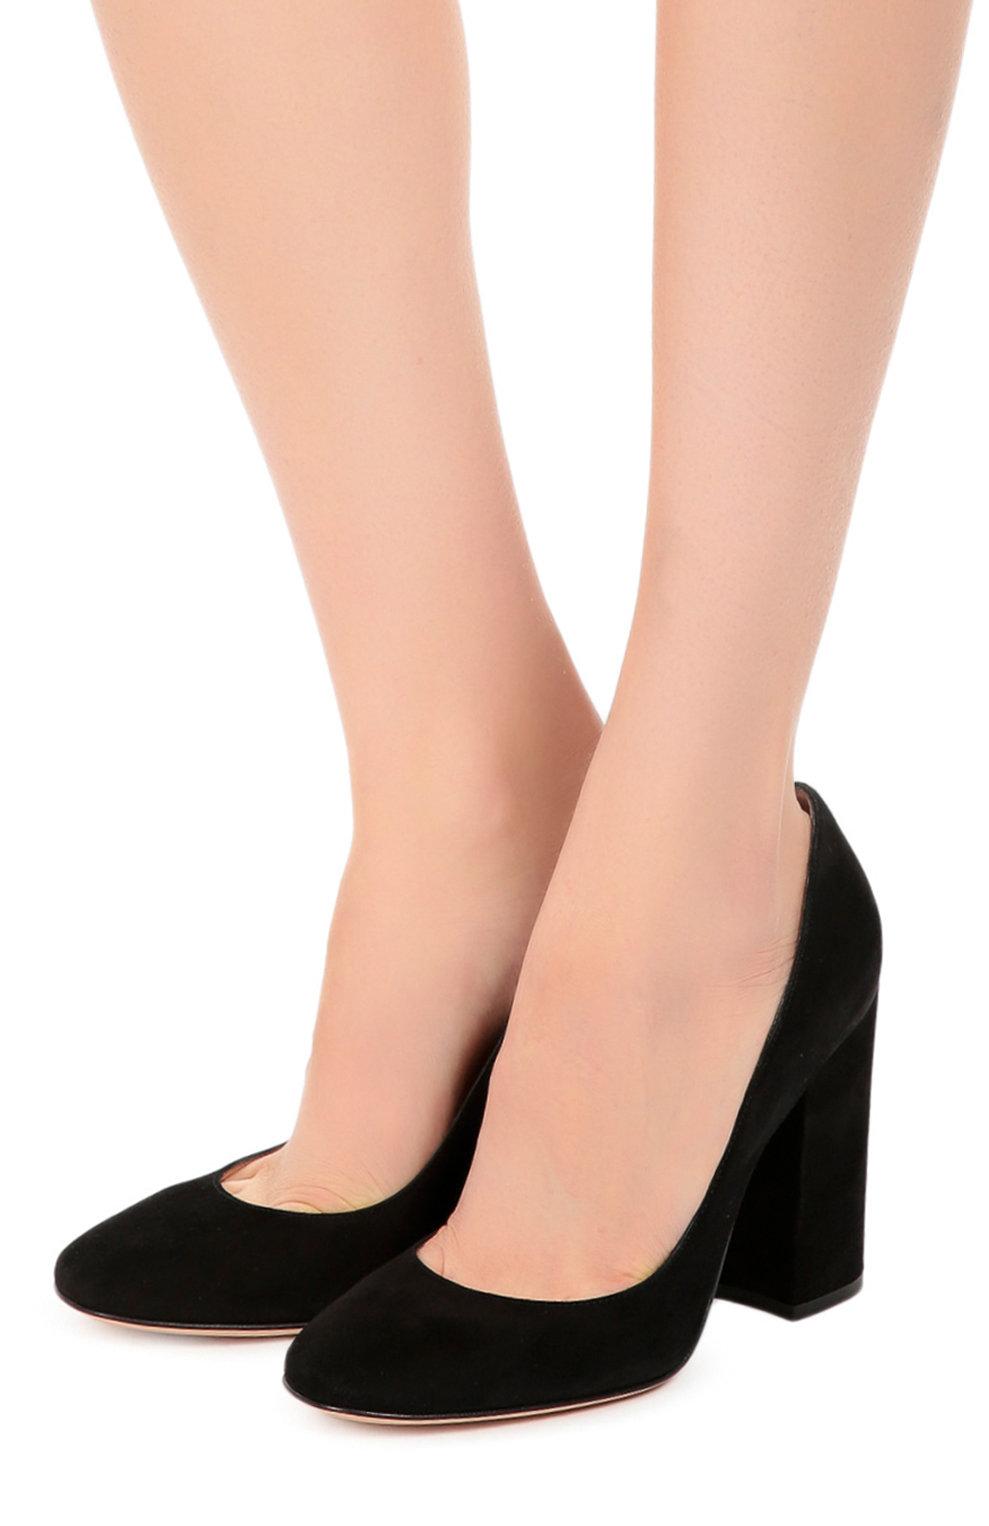 e54f513ee Женские черные замшевые туфли на устойчивом каблуке Женские черные замшевые  туфли на устойчивом каблуке